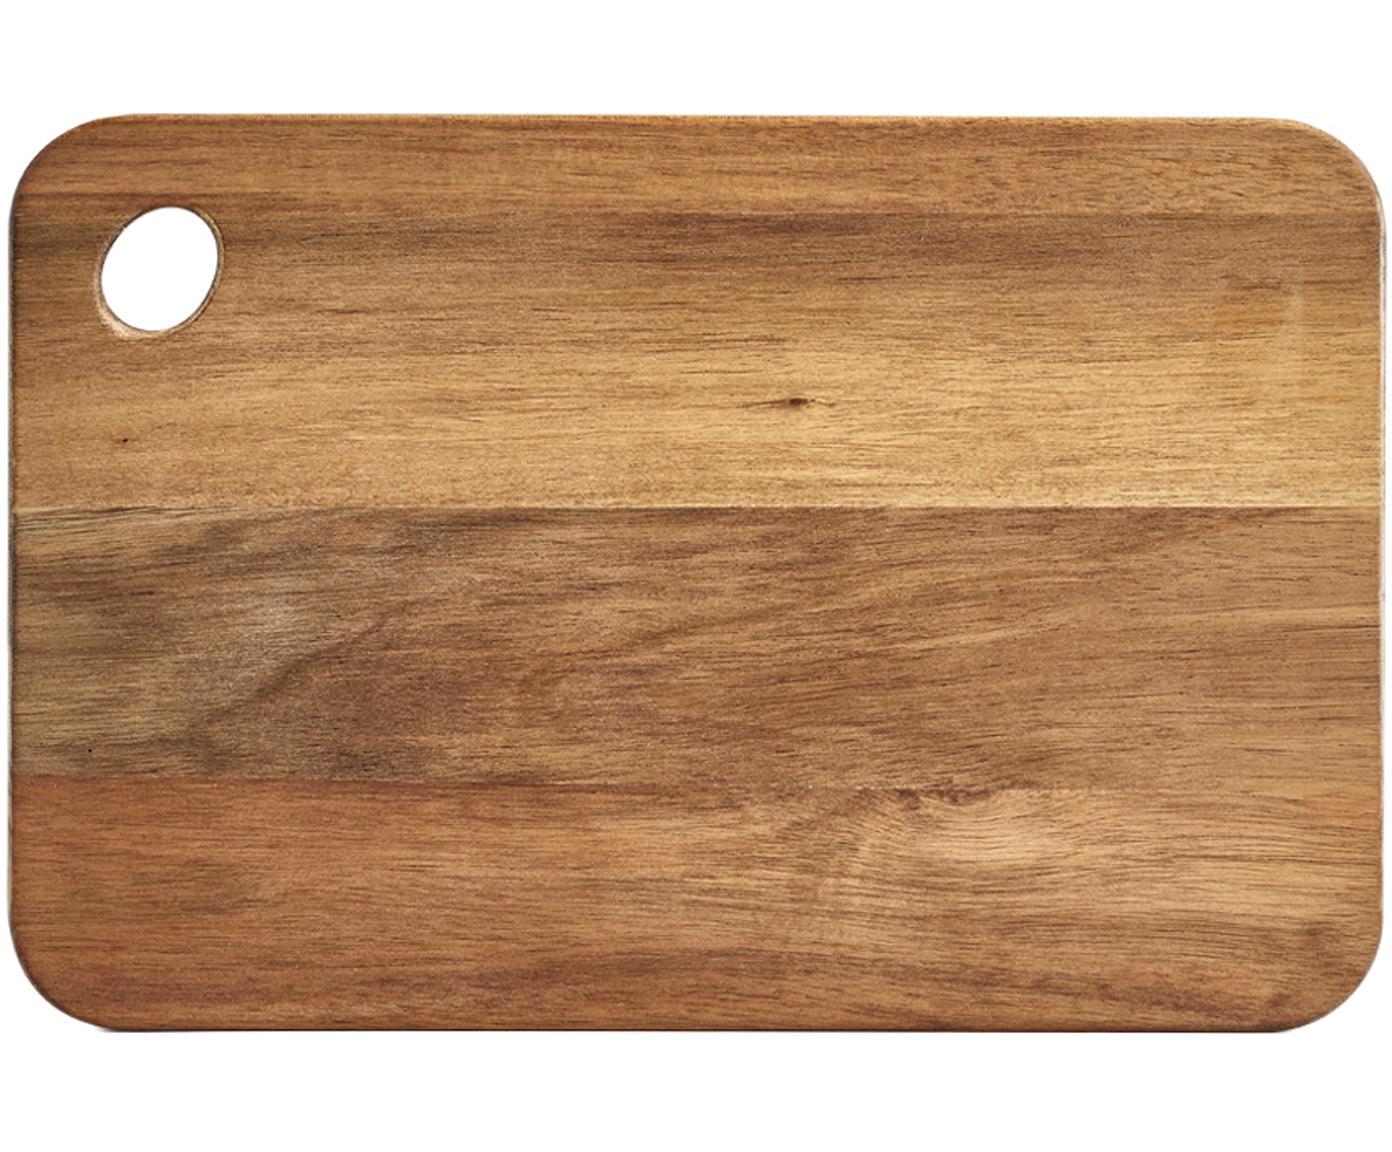 Tabla de cortar de acacia Akana, Tablero: madera de acacia, aceitad, Madera de acacia, An 37 x F 25 cm